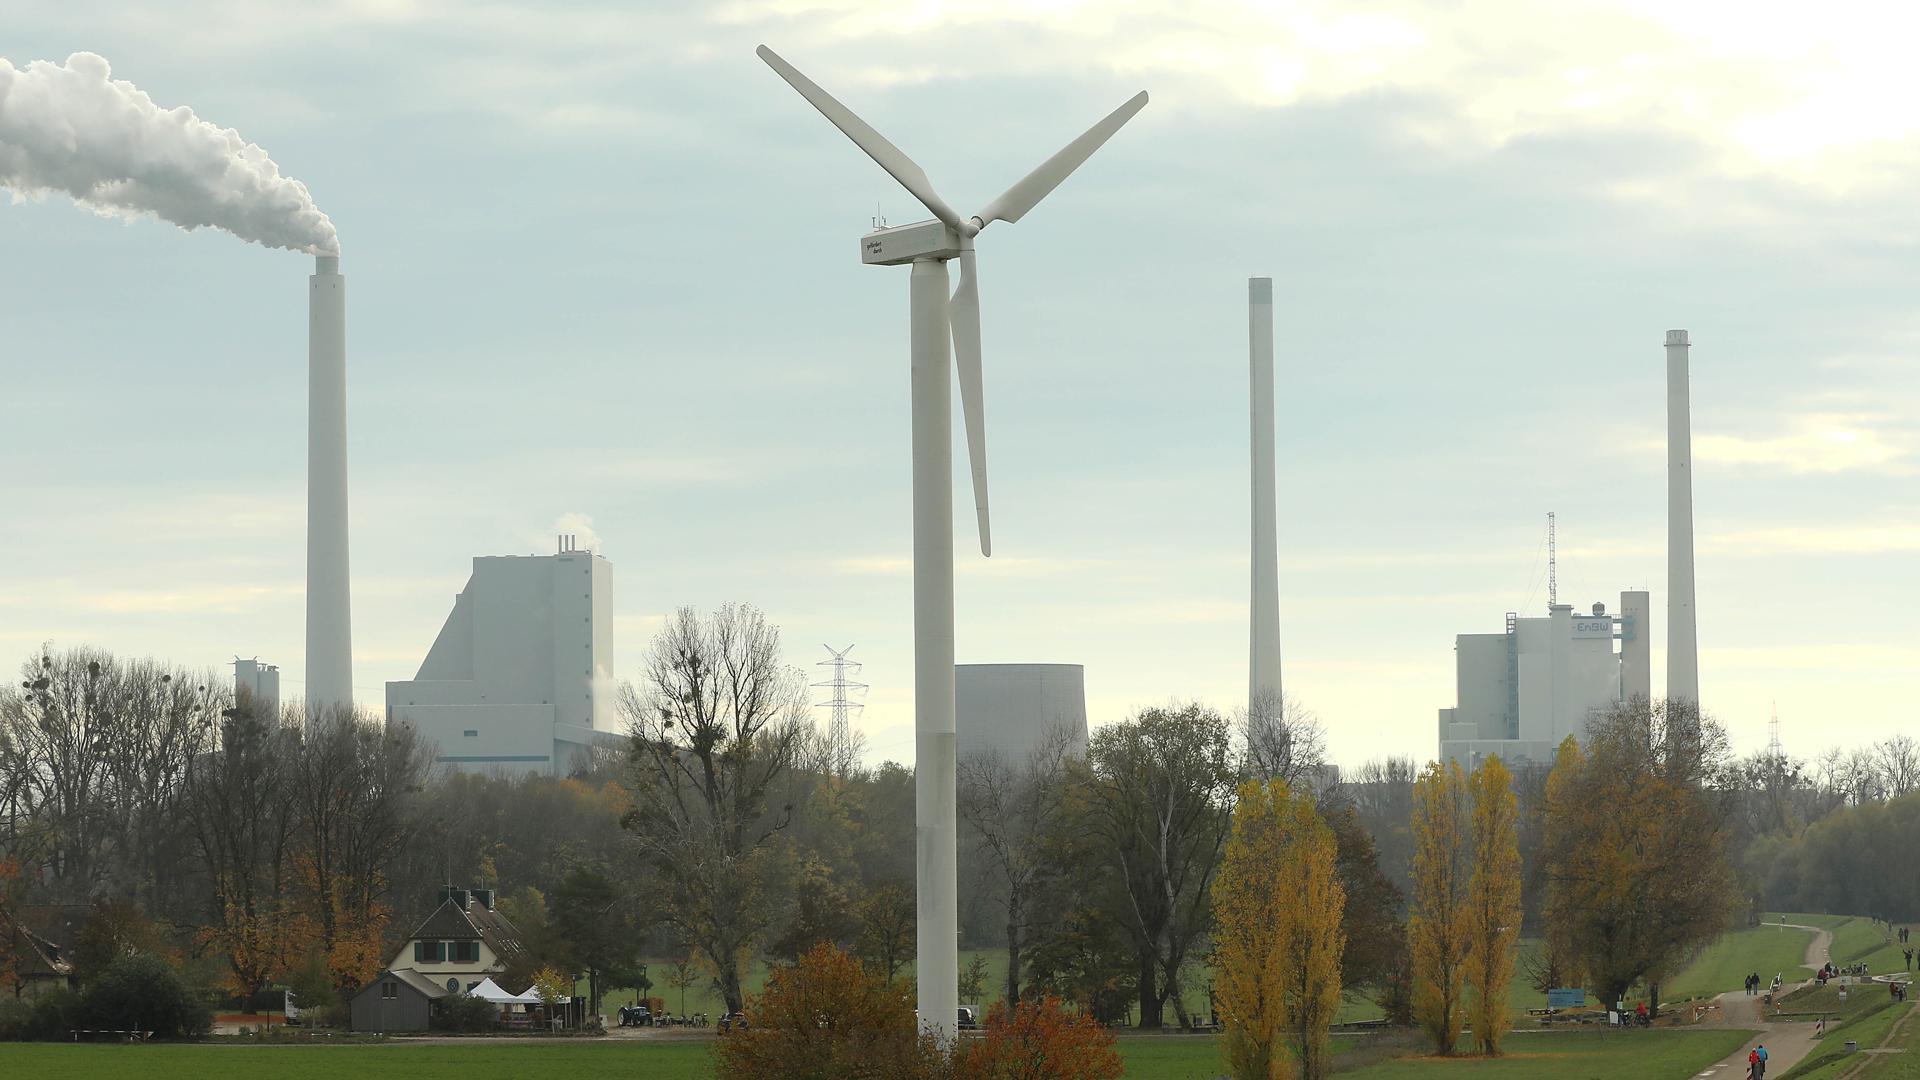 Rückschlag für die Windkraft: Der Regionalverband Mittlerer Oberrhein hatte einen Plan, wo überall Windräder wie hier beim Hofgut Maxau aufgestellt werden sollen. Diese sind nach einer Entscheidung des Verwaltungsgerichtshofs Mannheim hinfällig.